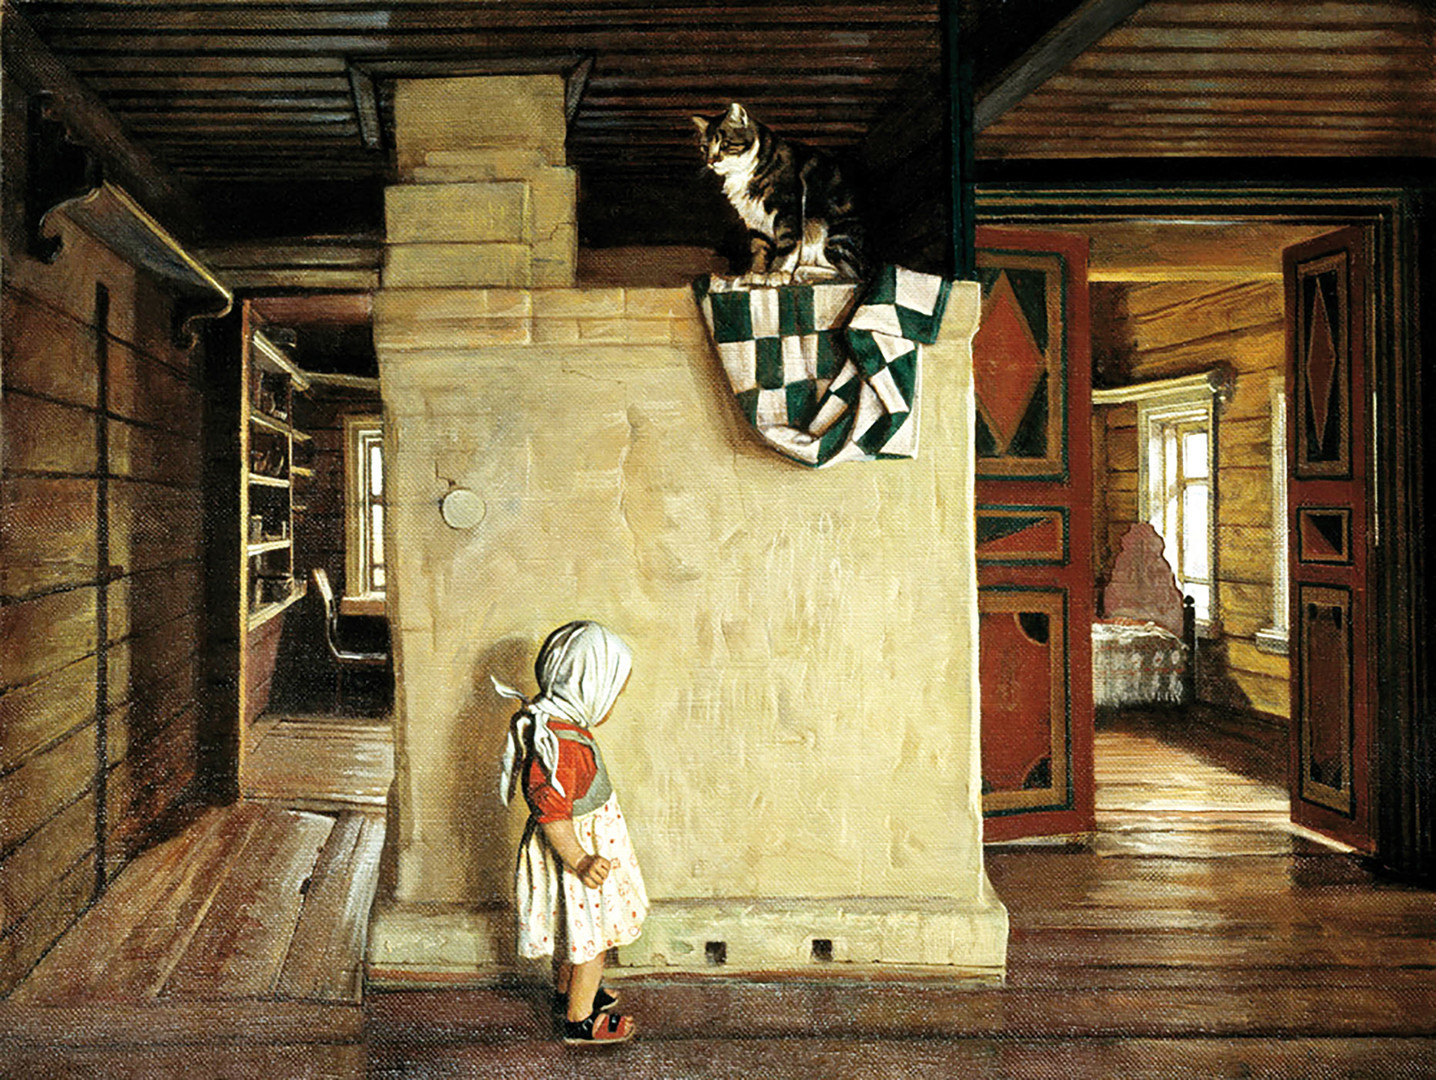 「ラキーティン家族の古い家」、ニコライ・アノーヒン画、1998年